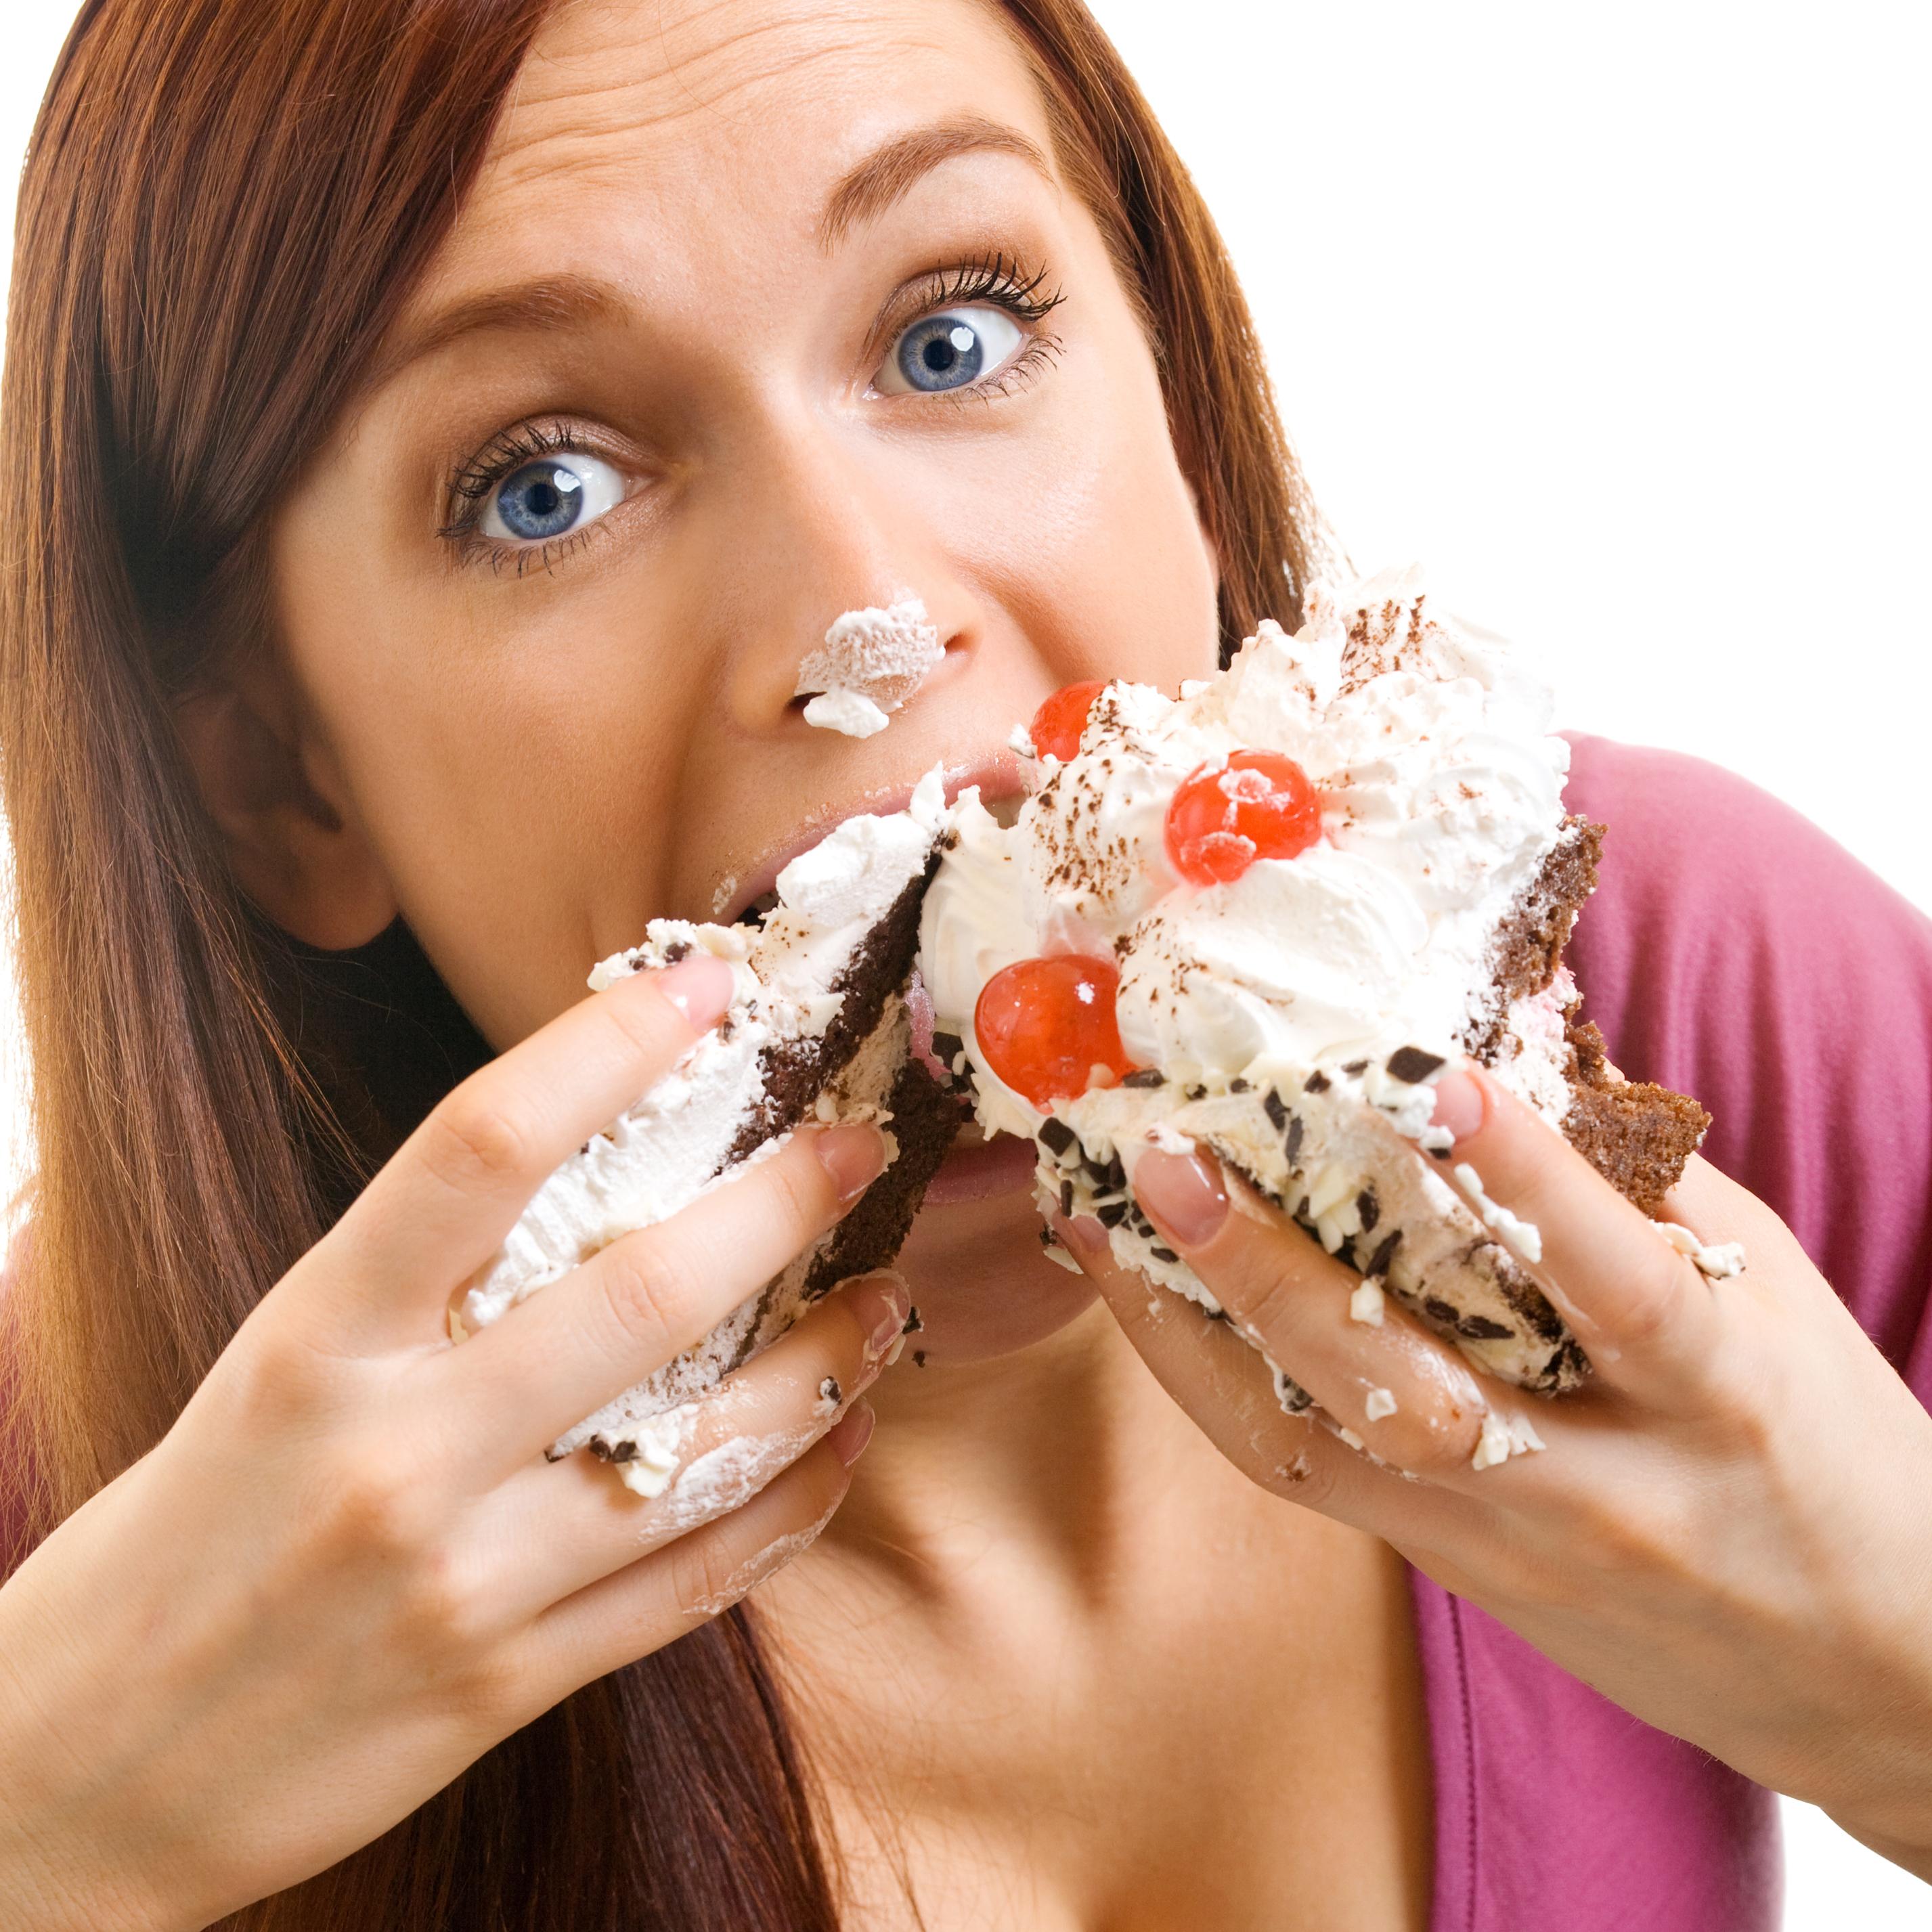 woman-eating-cake.jpg